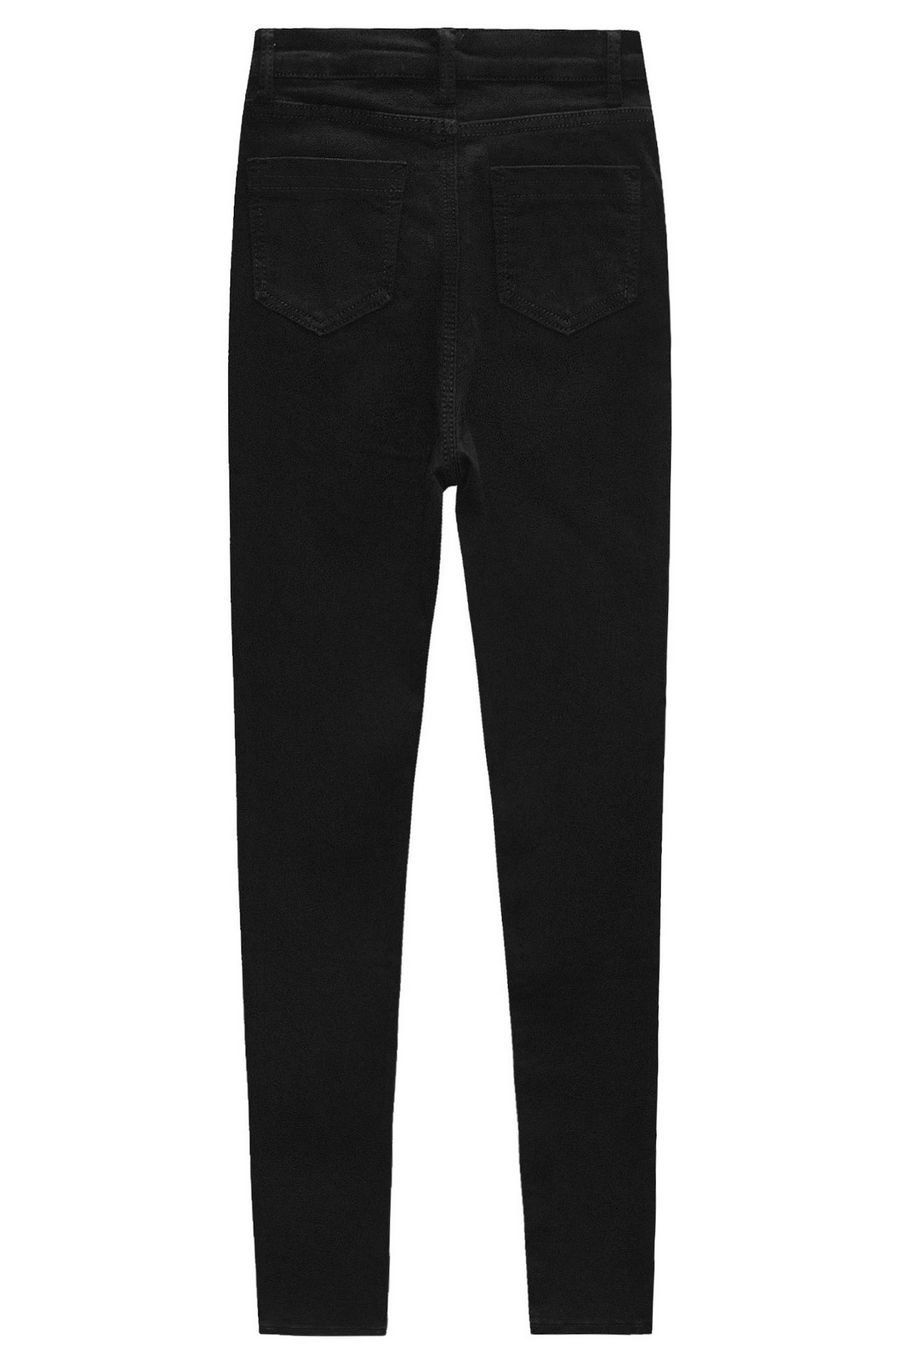 Джинсы женские K.Y Jeans K5628/H557 - фото 2